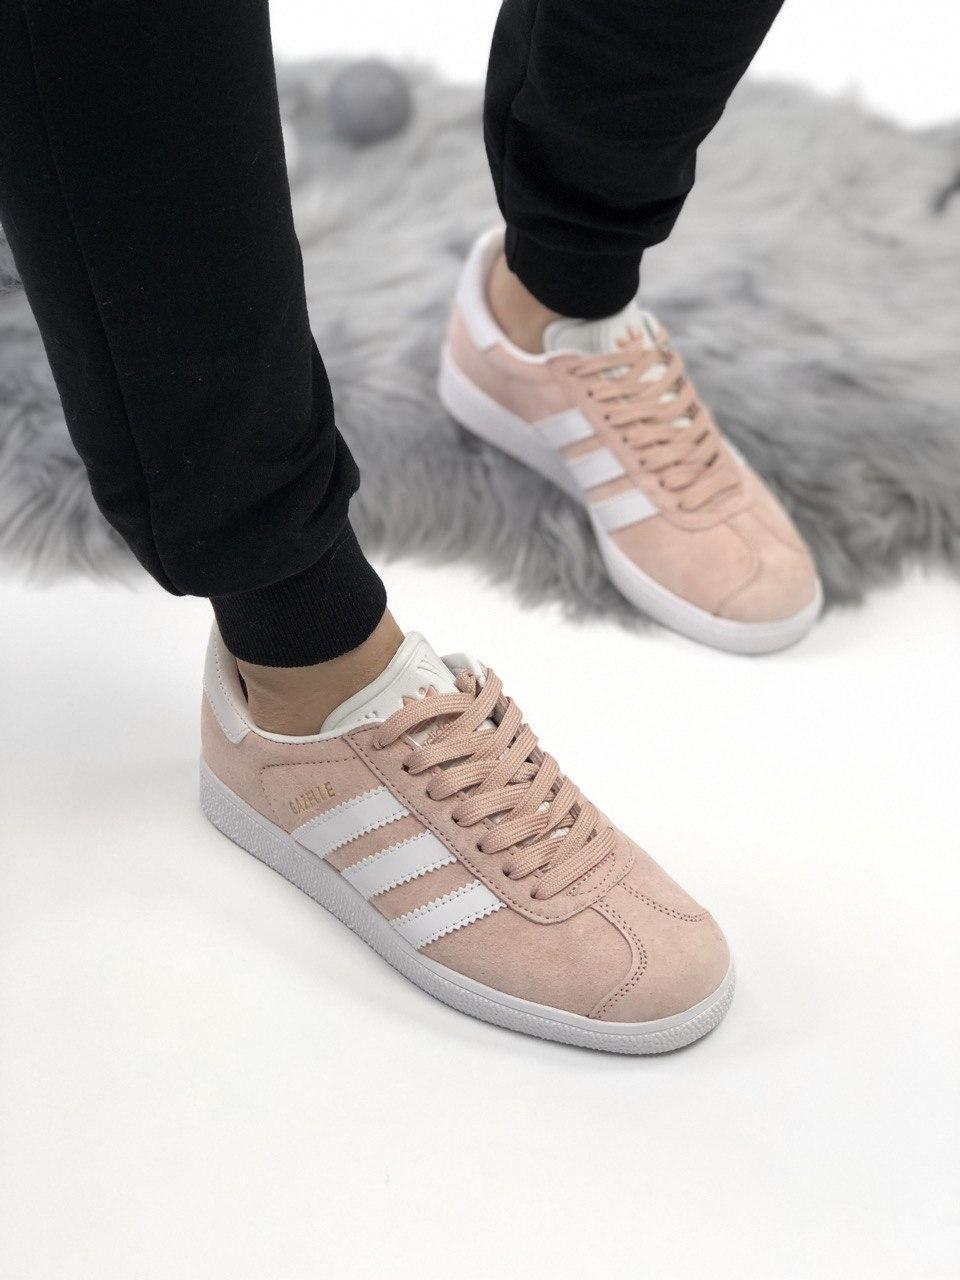 Женские замшевые кроссовки Adidas Gazelle 3 расцветки